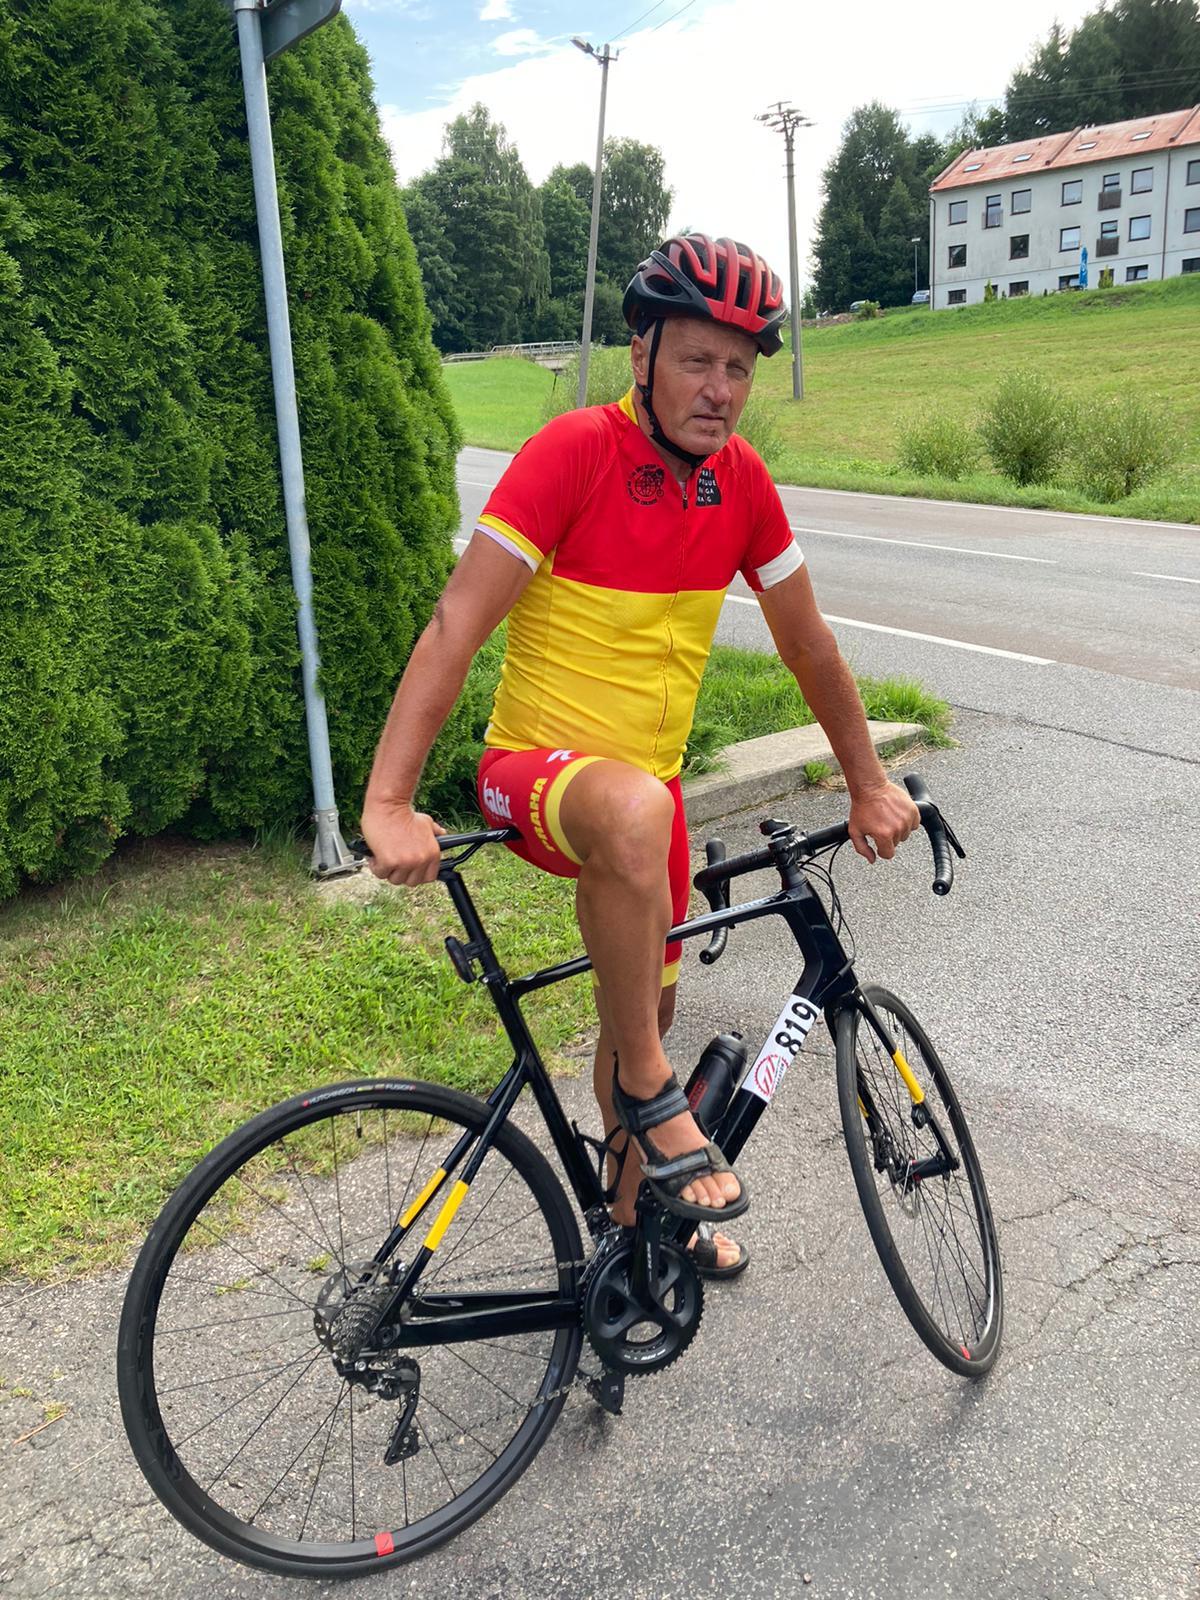 Pepa Zimovčák a jeho typická cyklistická obuv, sandály.